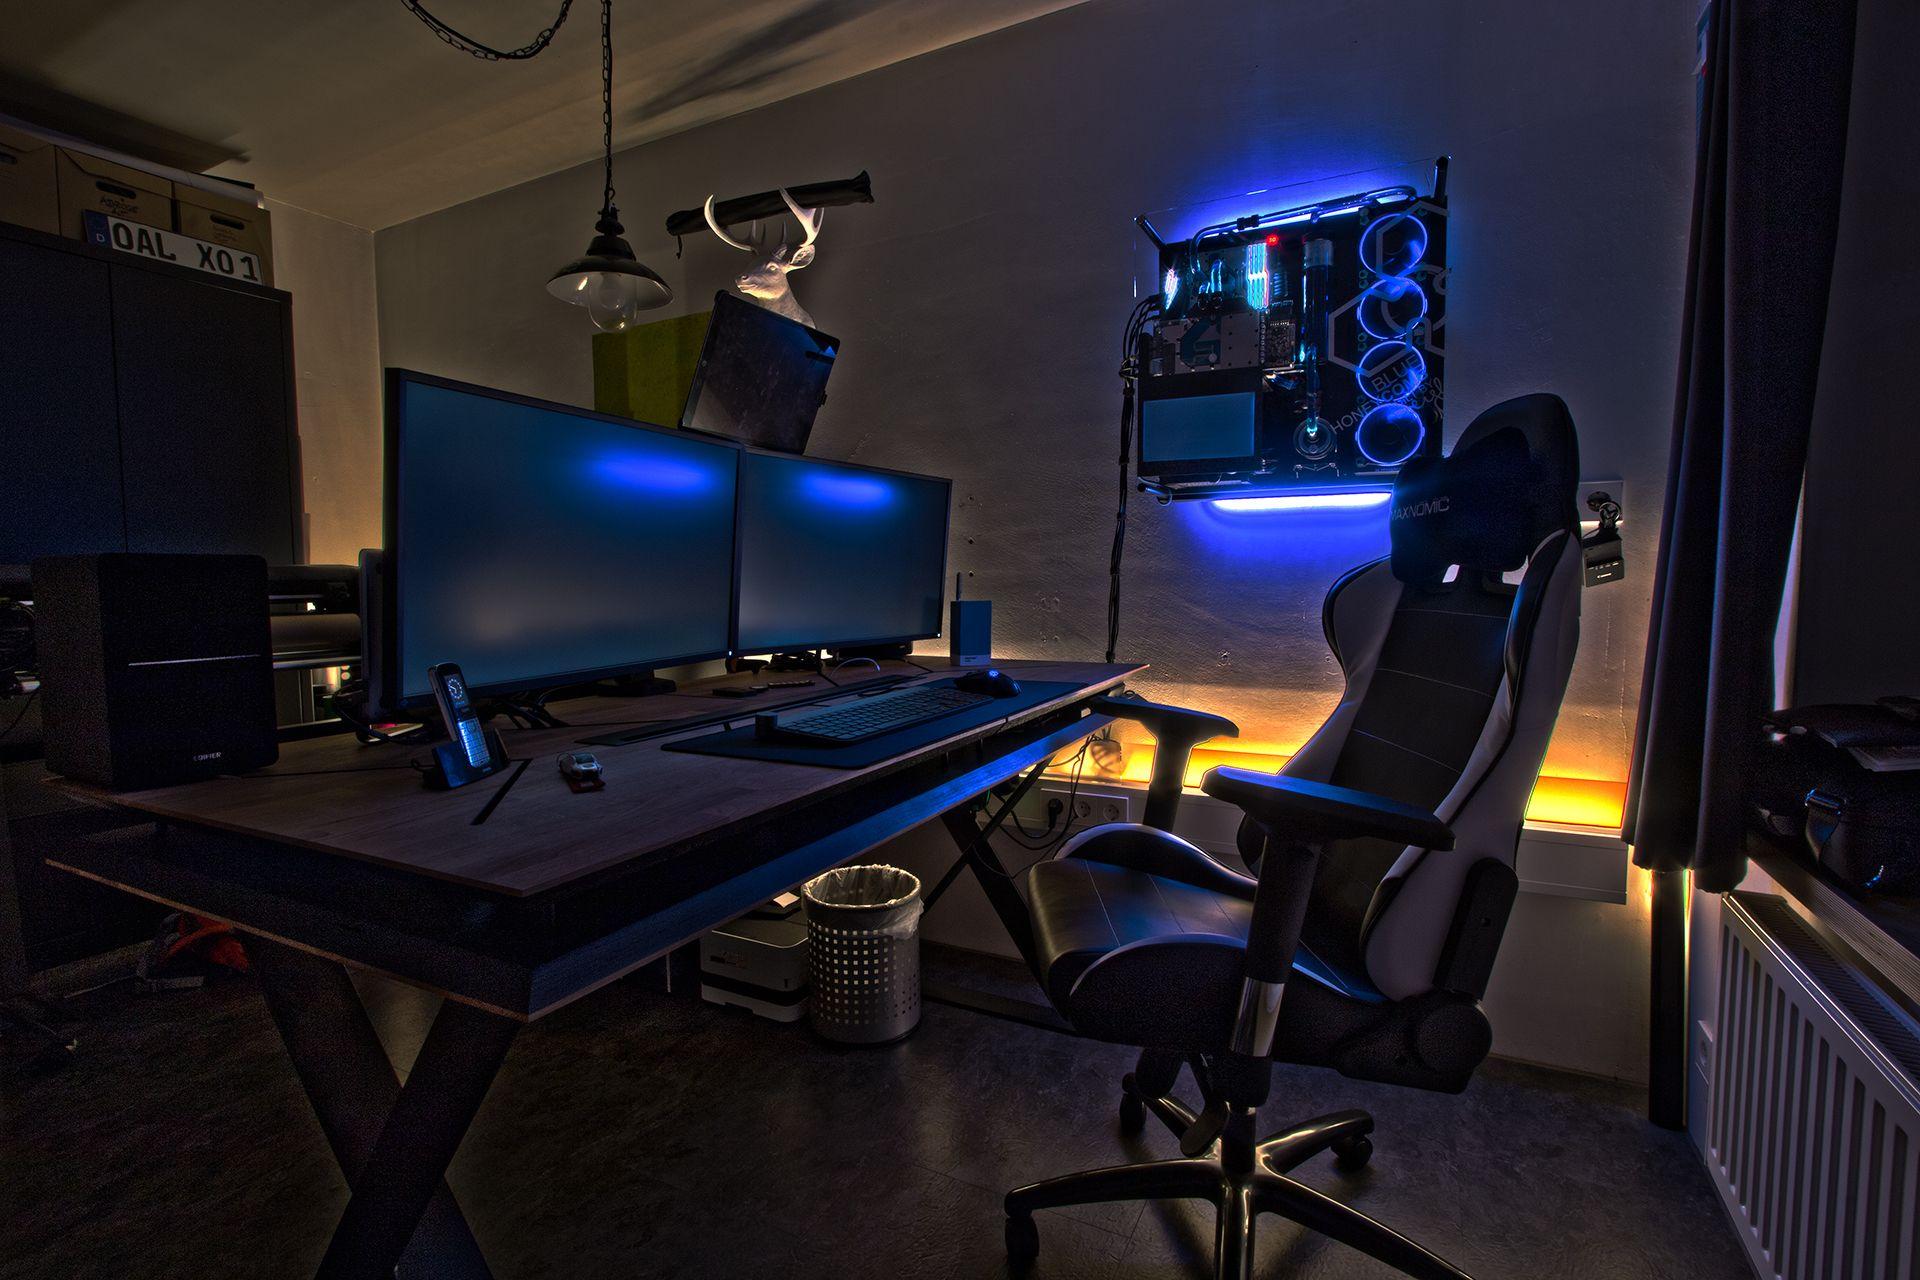 Desk By Weigl Design Germany Workstation Battlestation Desk Gaming Watercooling Gaming Tisch Gaming Schreibtisch Zocker Zimmer